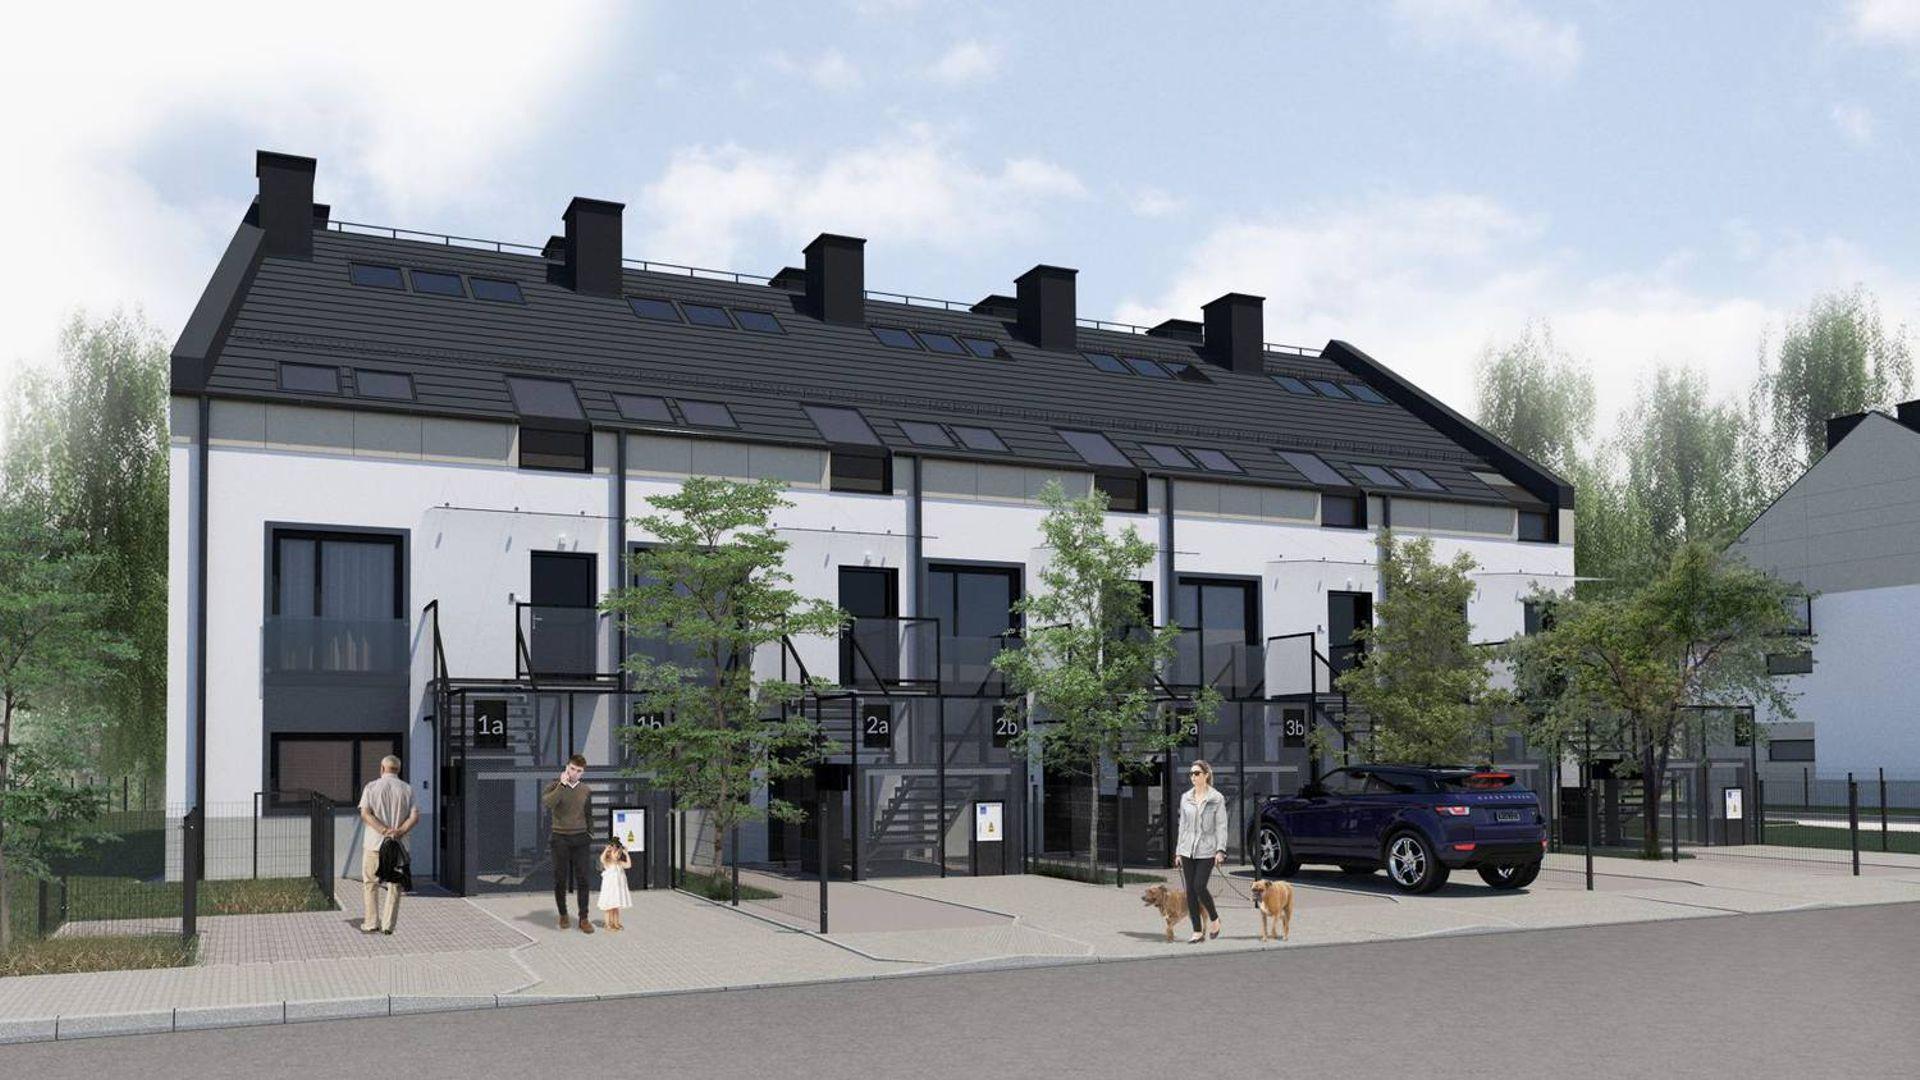 Wrocław: Franki House – Probitas Invest wchodzi z szeregówkami na Zgorzelisko